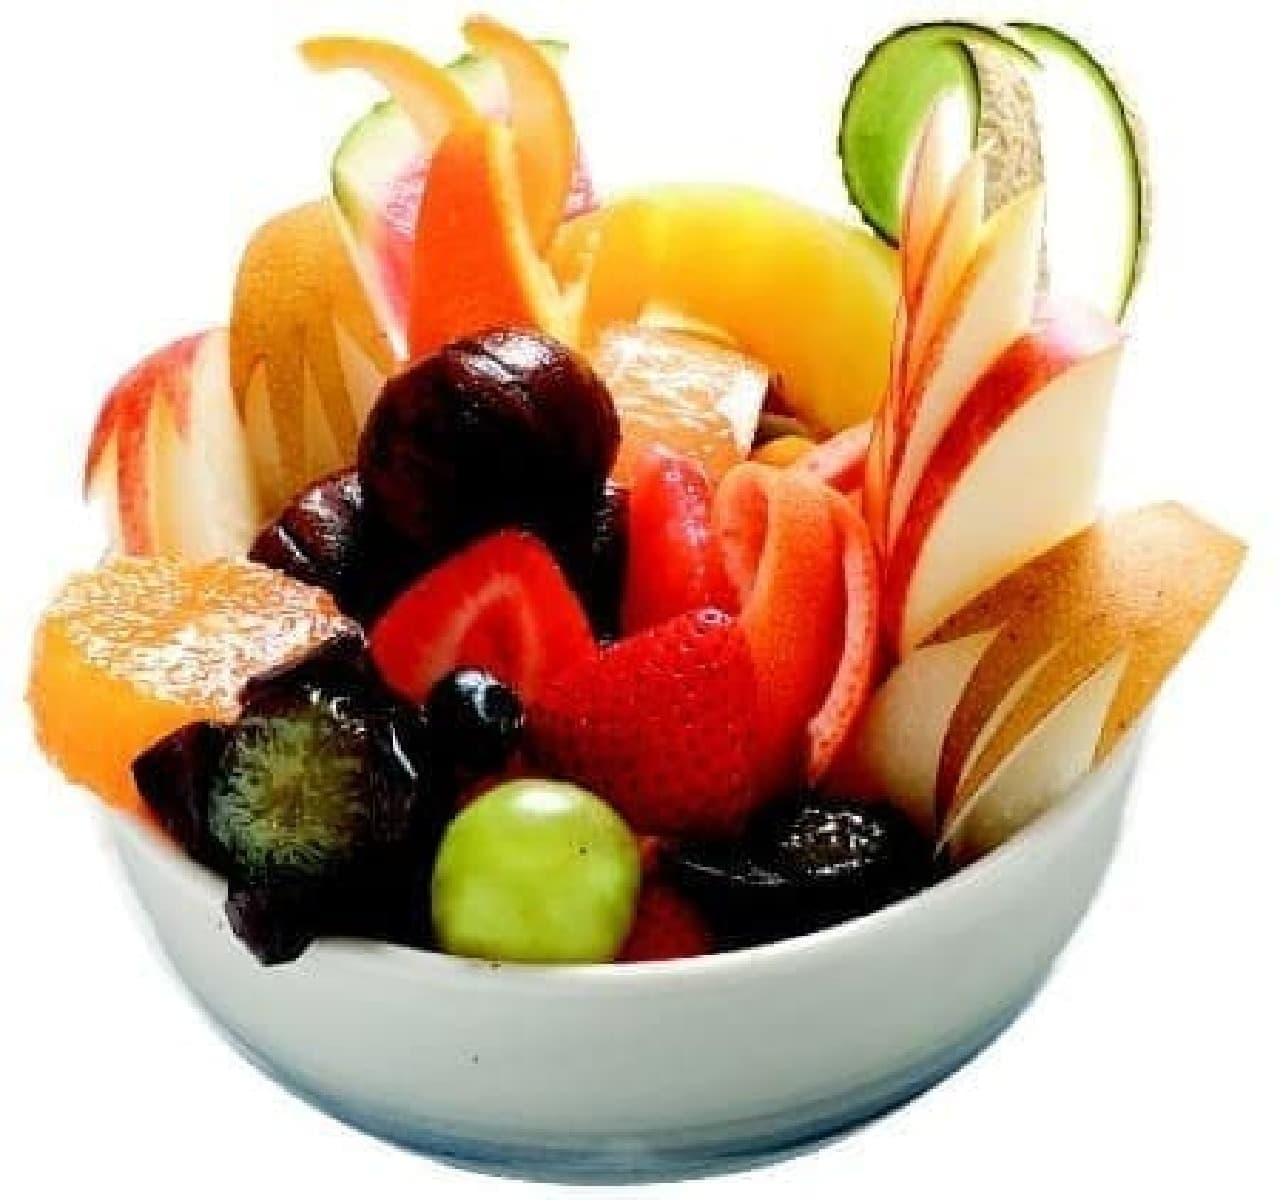 果実園「果実の園でつくるDON」